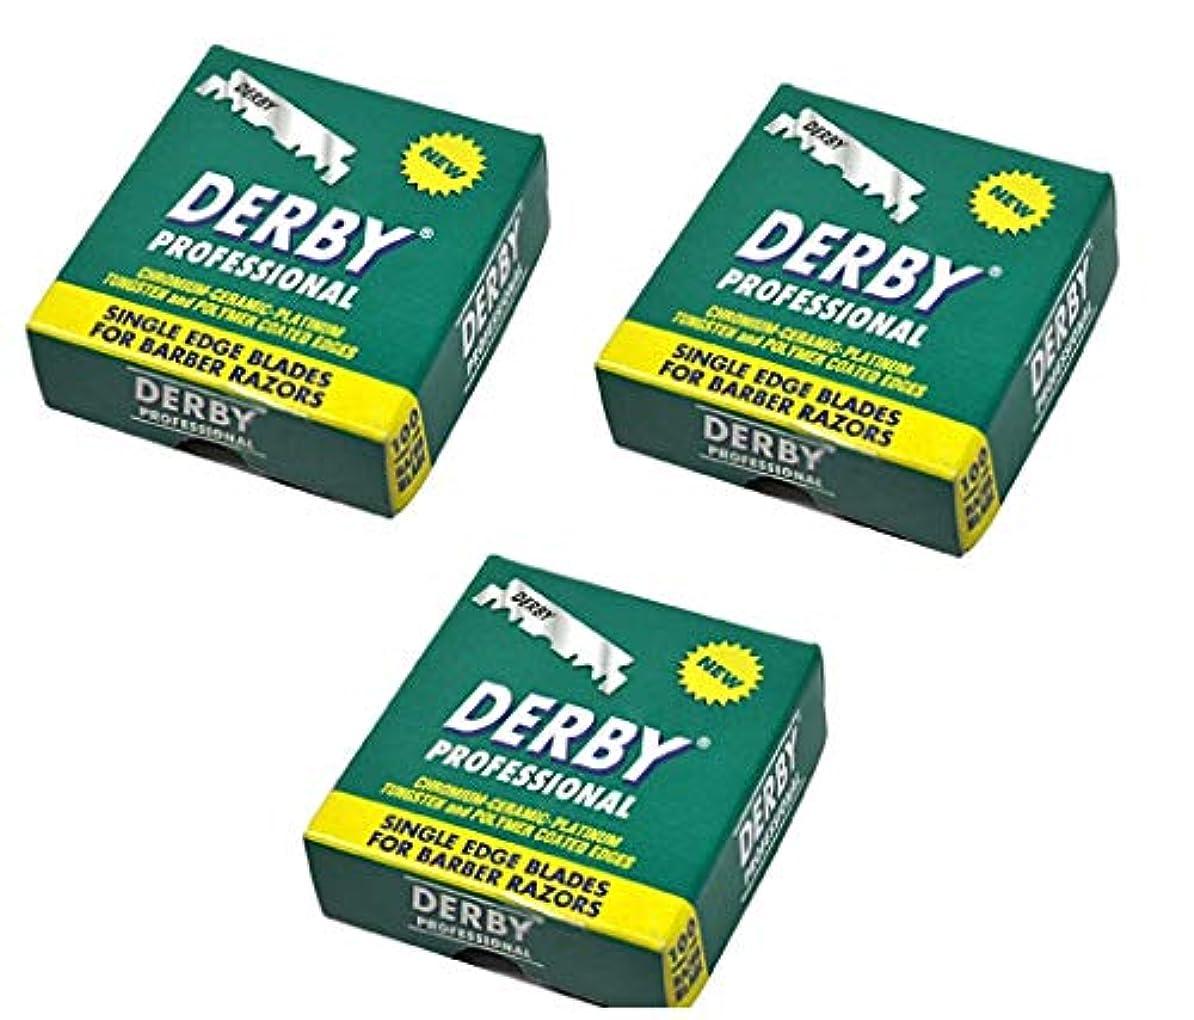 シャベル欠伸解読するDerby (ダービー) プロフェッショナル シングル エッジ カミソリ 300枚